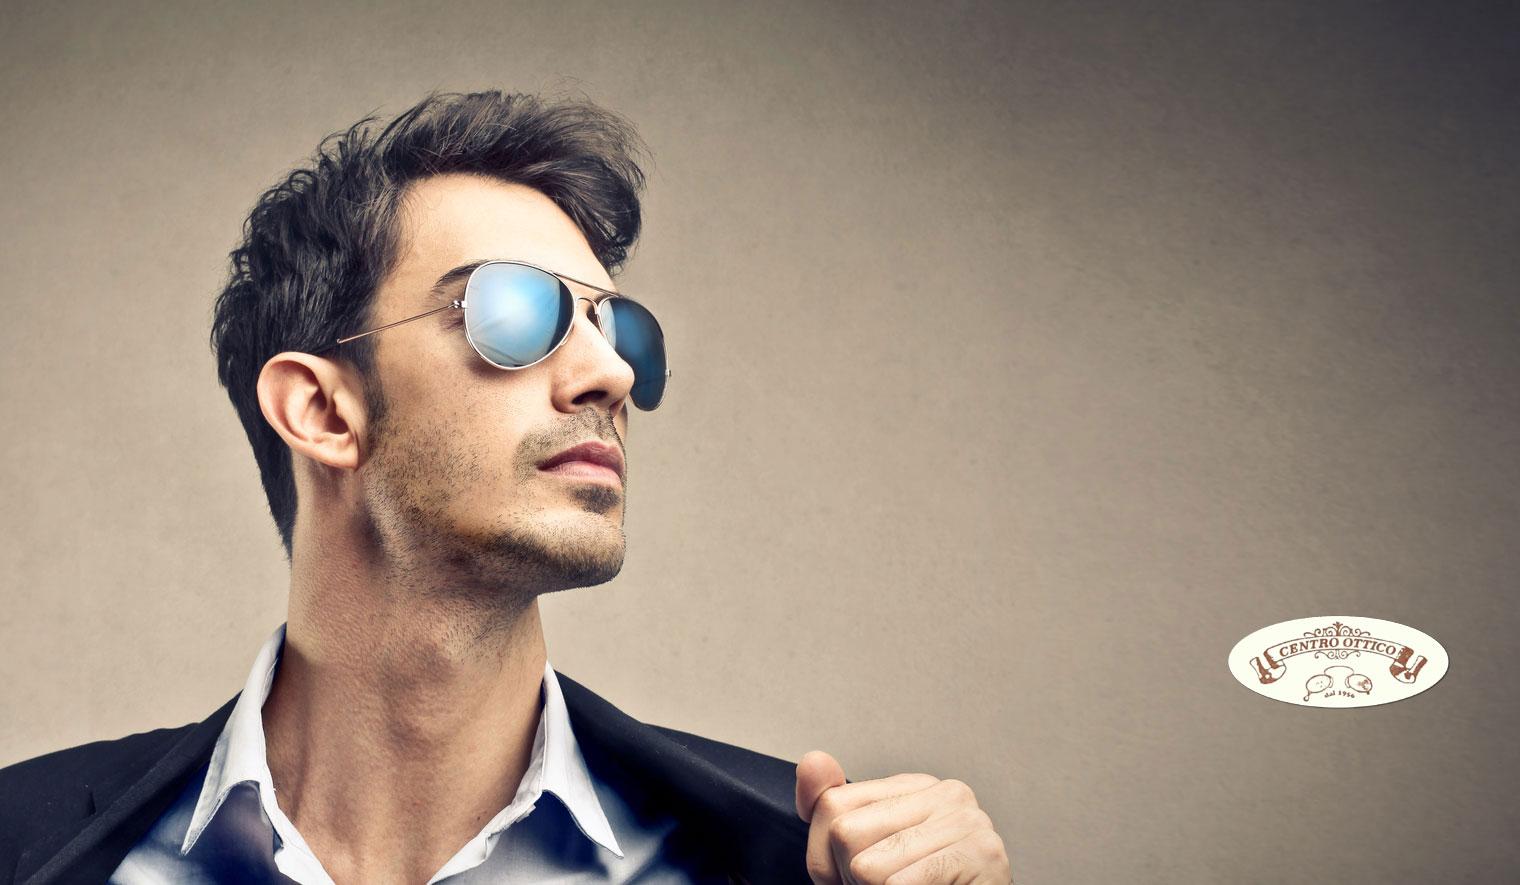 occhiali proteggere occhi